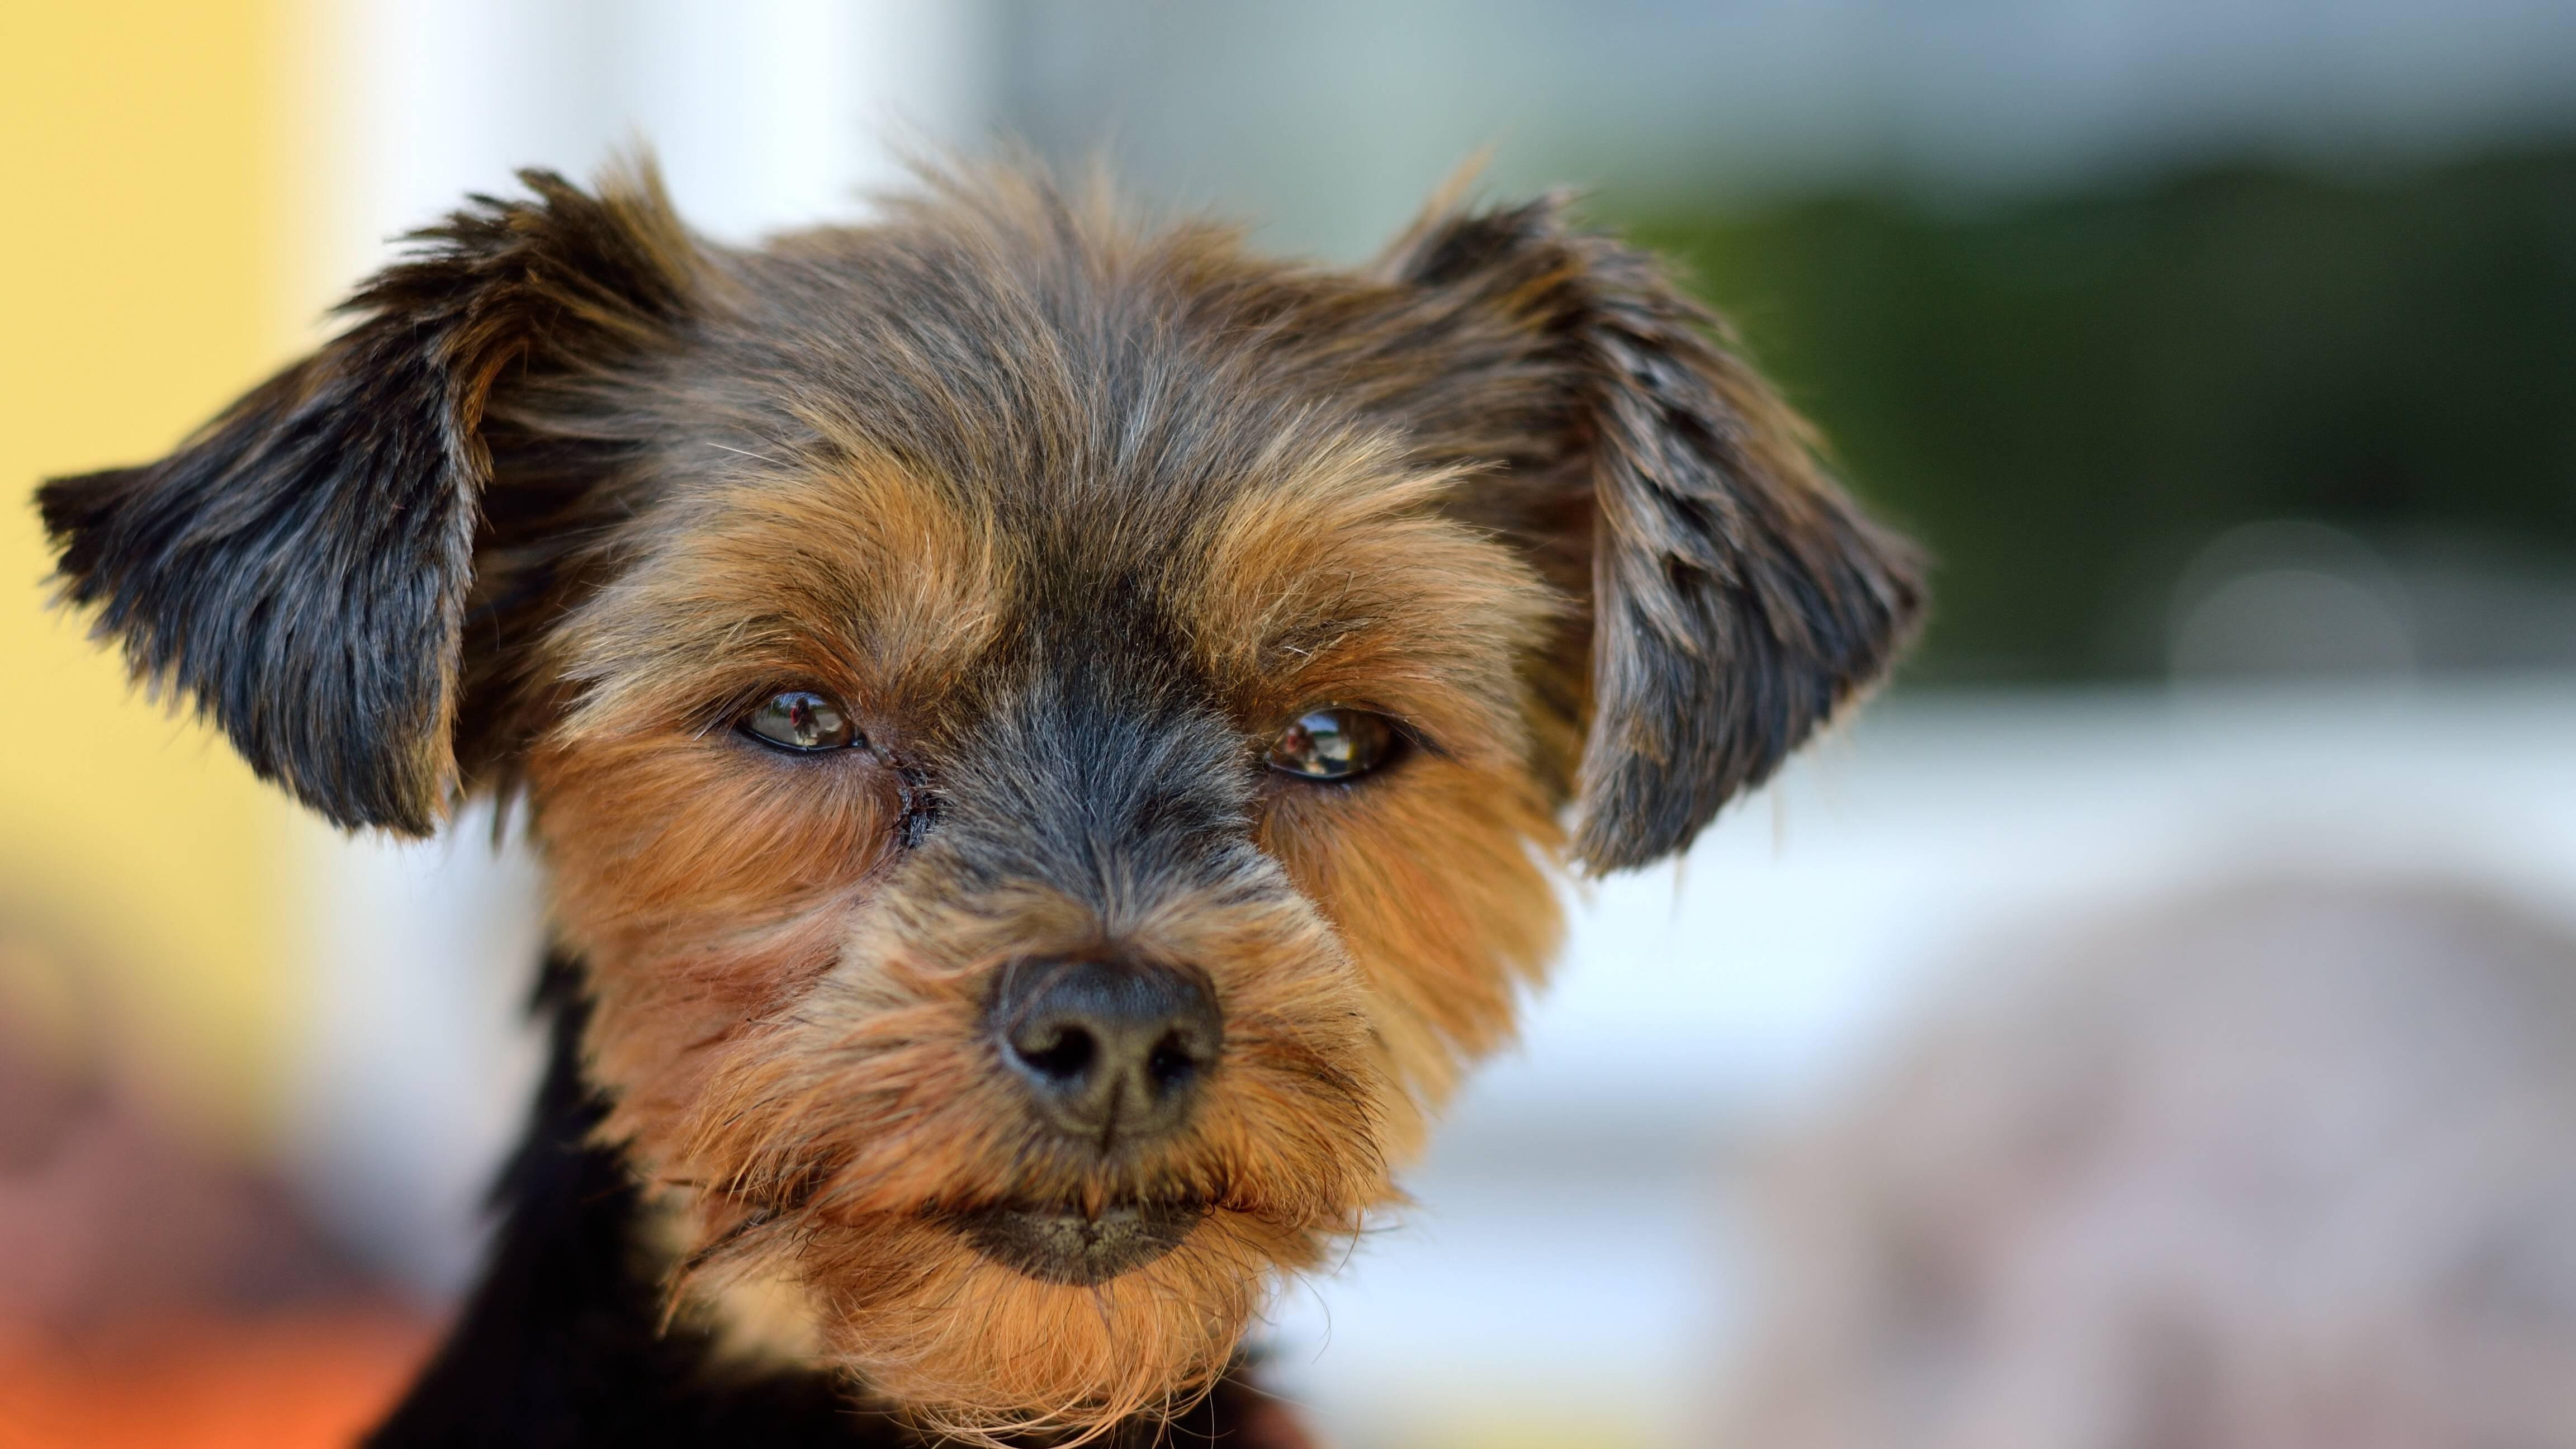 Die Augenpflege beim Hund ist sehr wichtig, um Erkrankungen vorzubeugen.